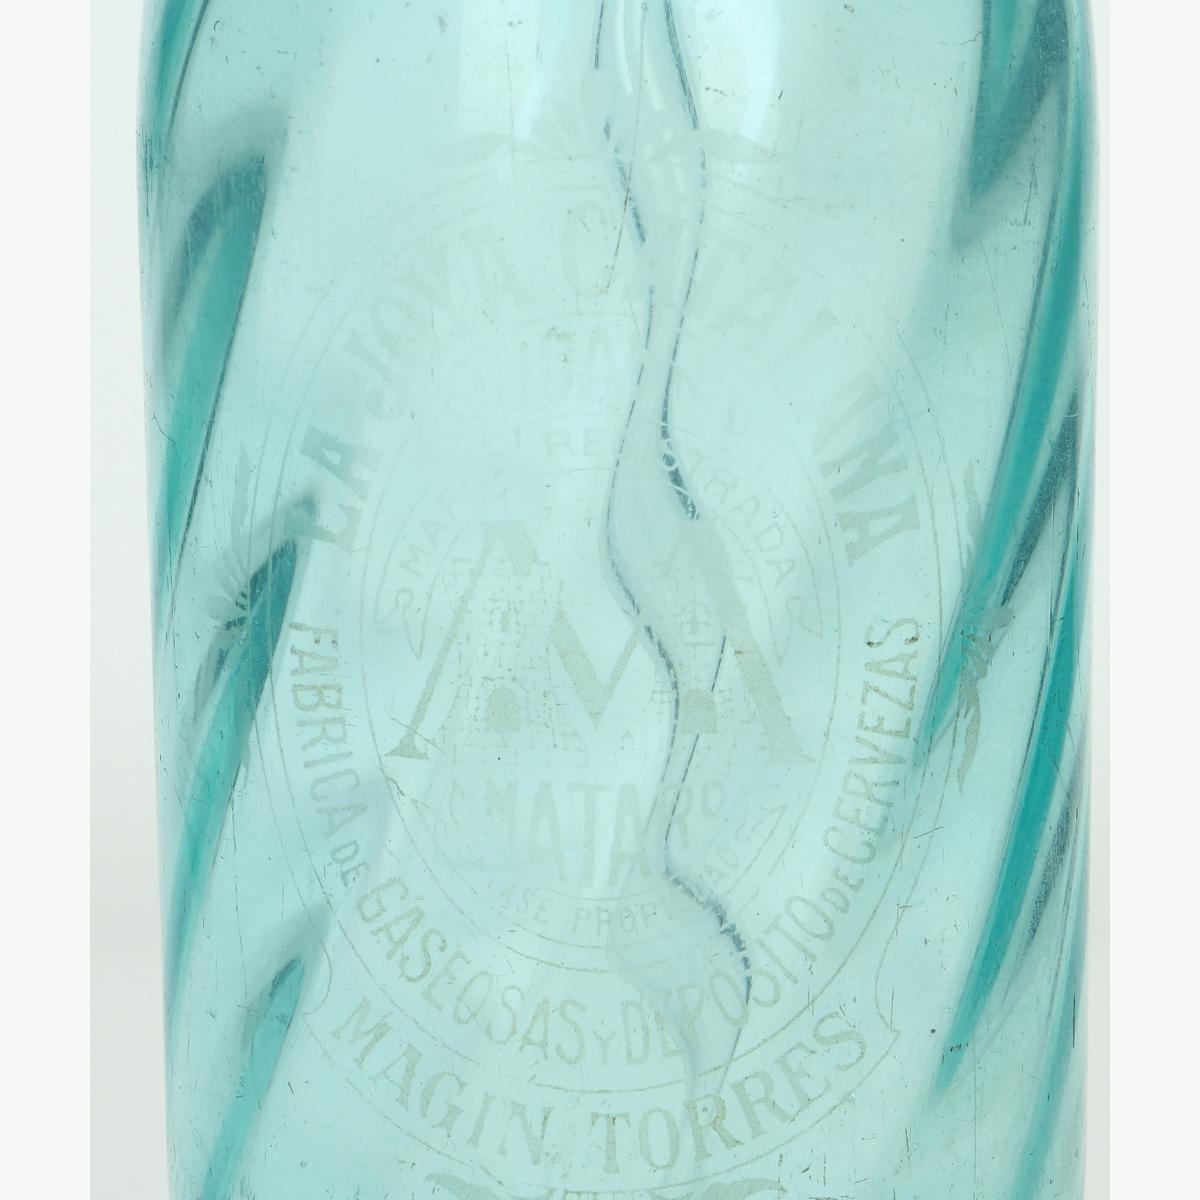 Afbeeldingen van oude soda fles la joya catalana -mataro fabrica de gaseosasy deposito de cervezas